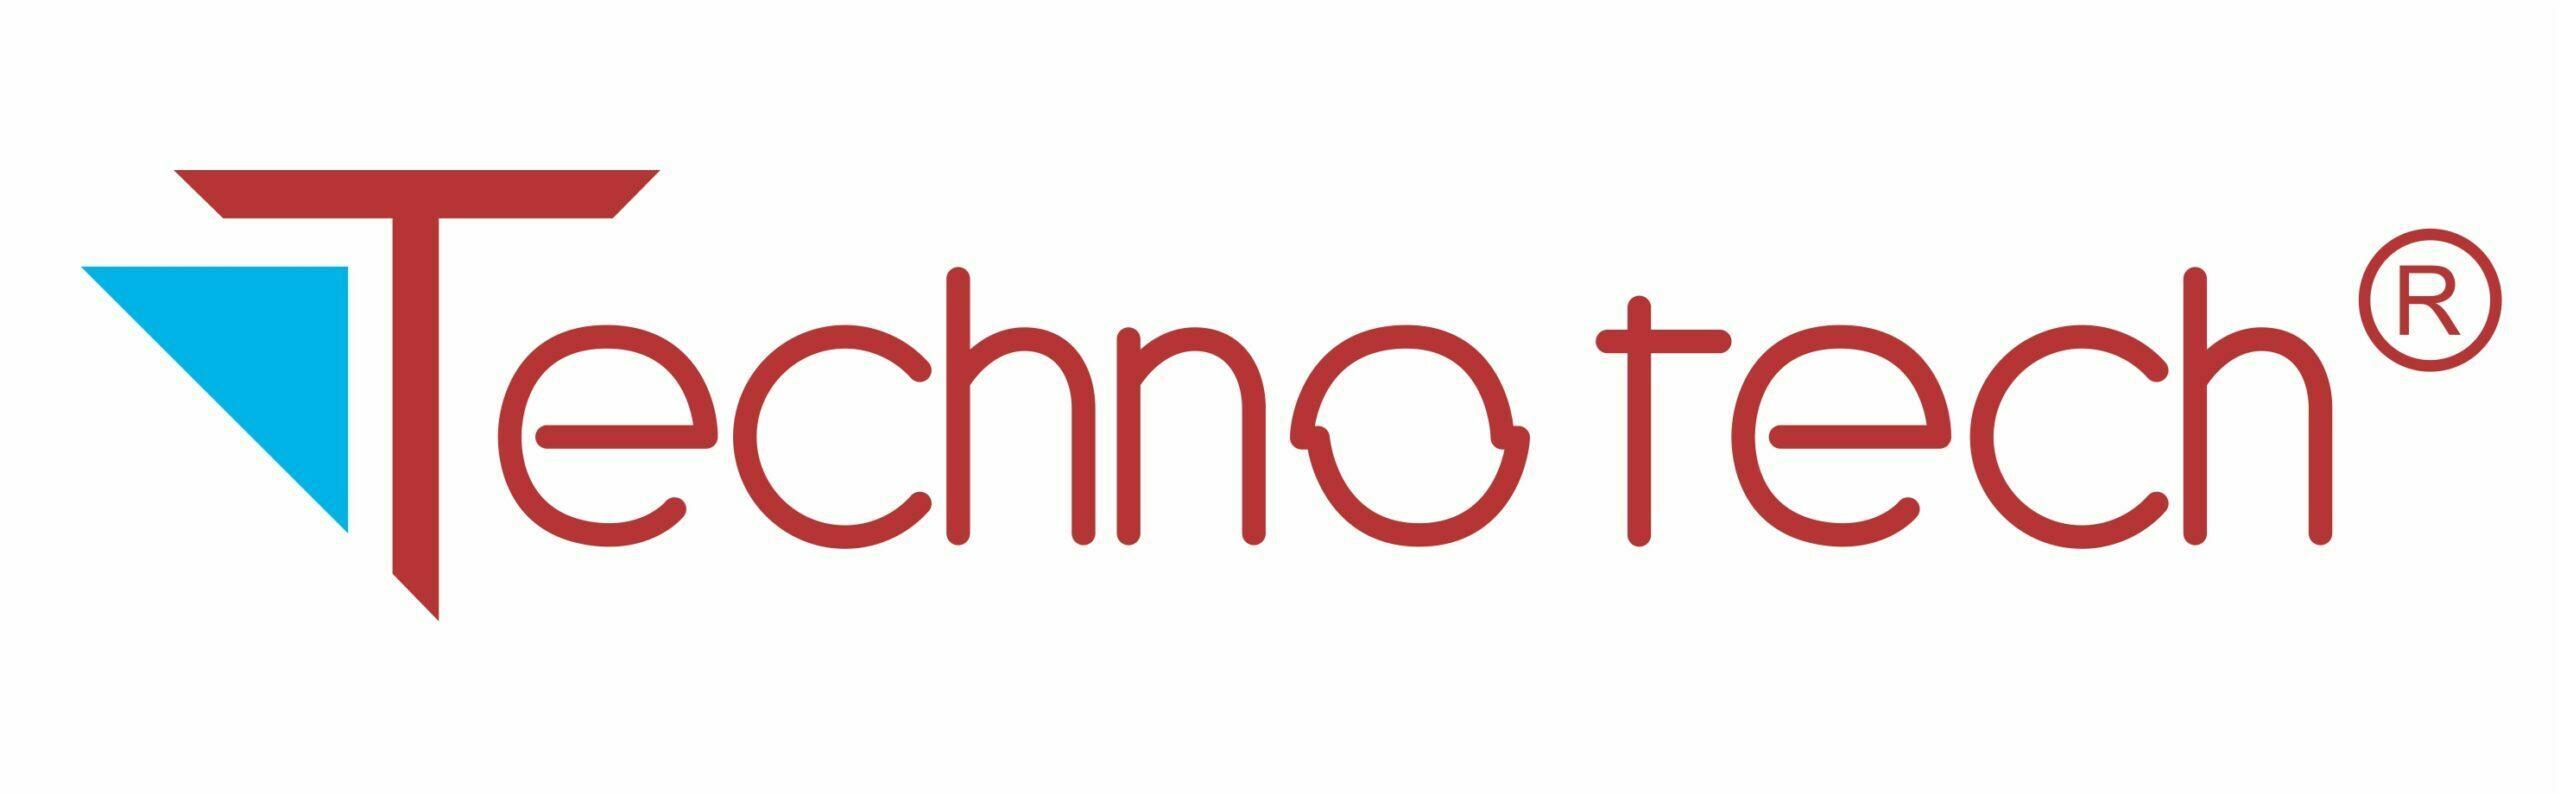 Technotech Technologies